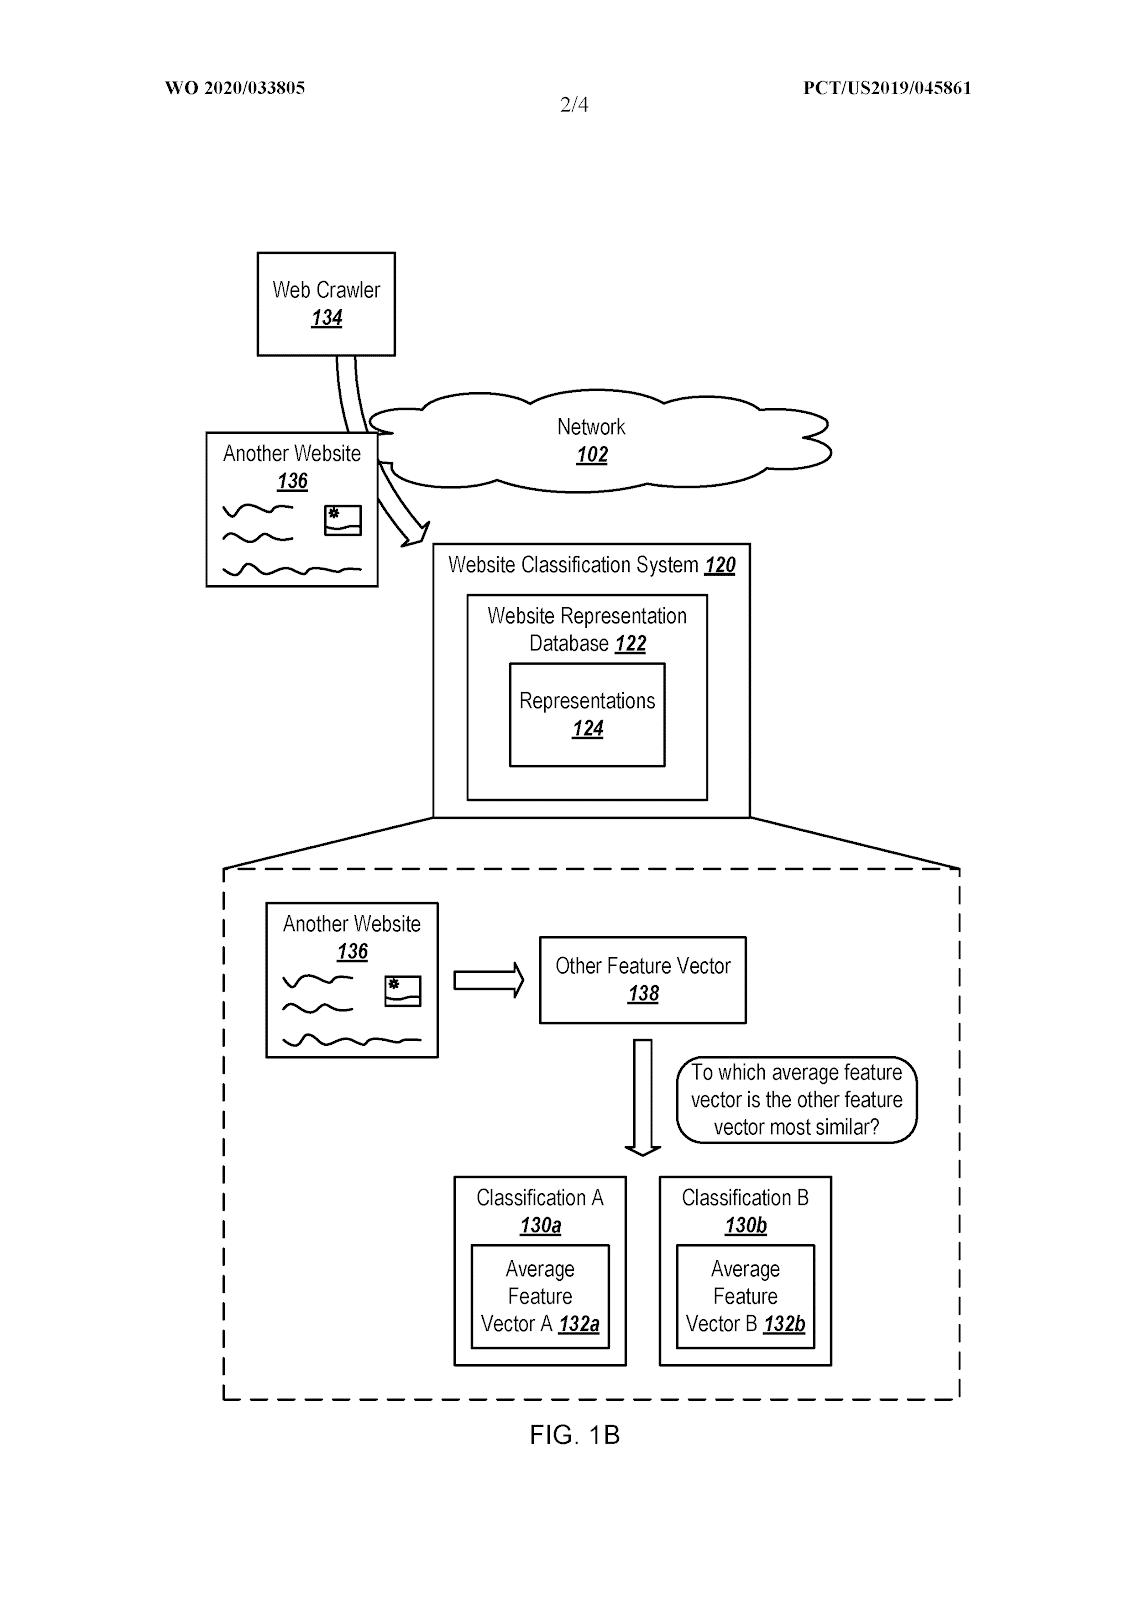 esquema patente google representaciones de sitios como vectores 1